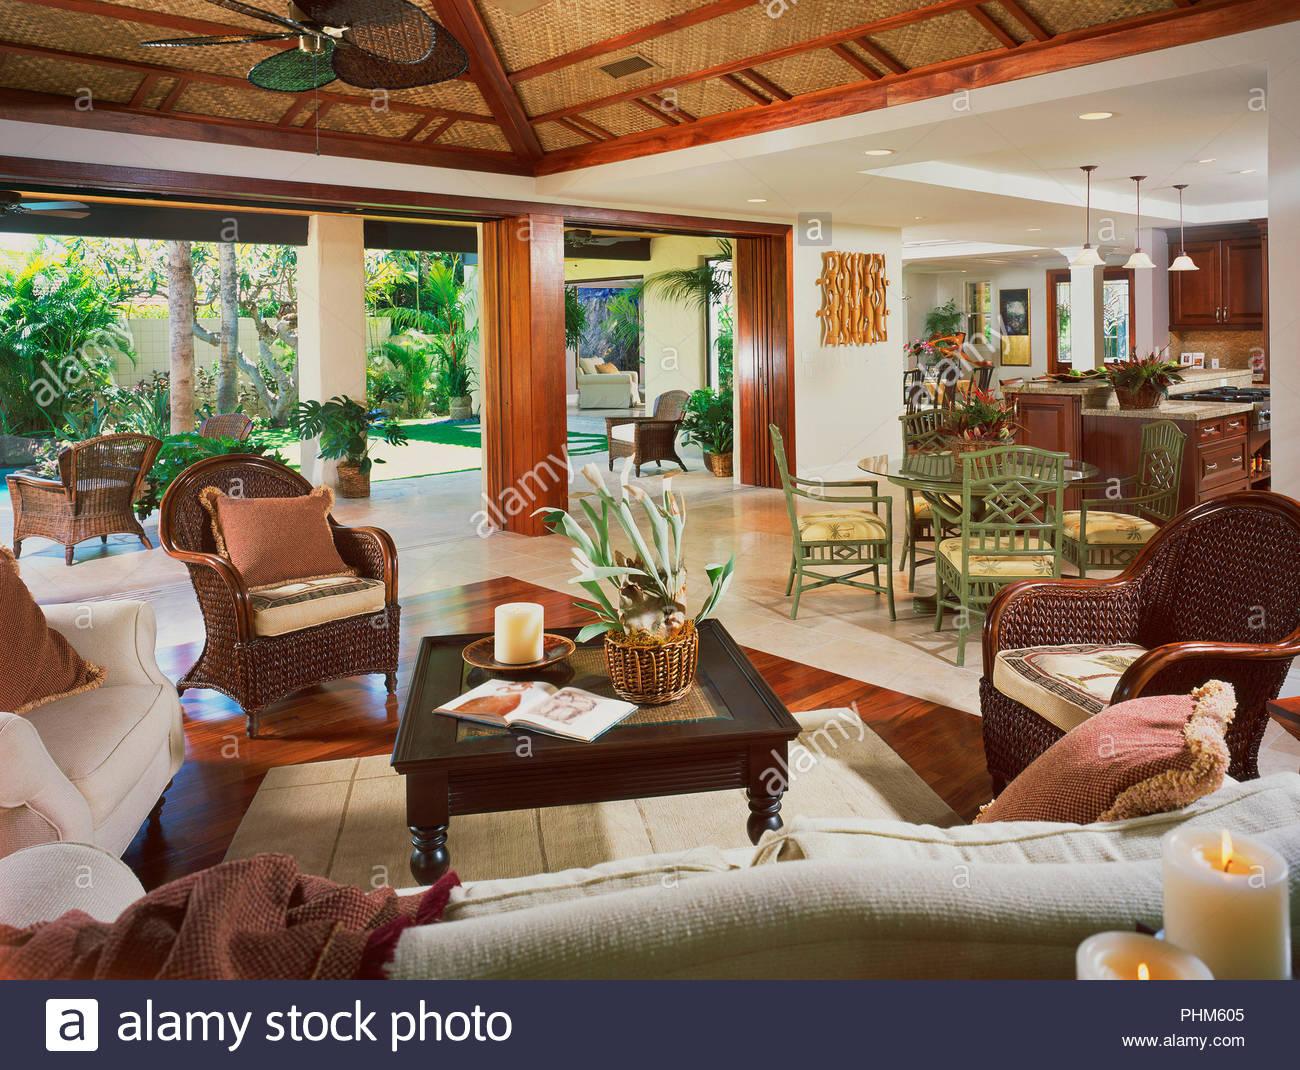 Wohnzimmer mit Topfpflanze Stockbild